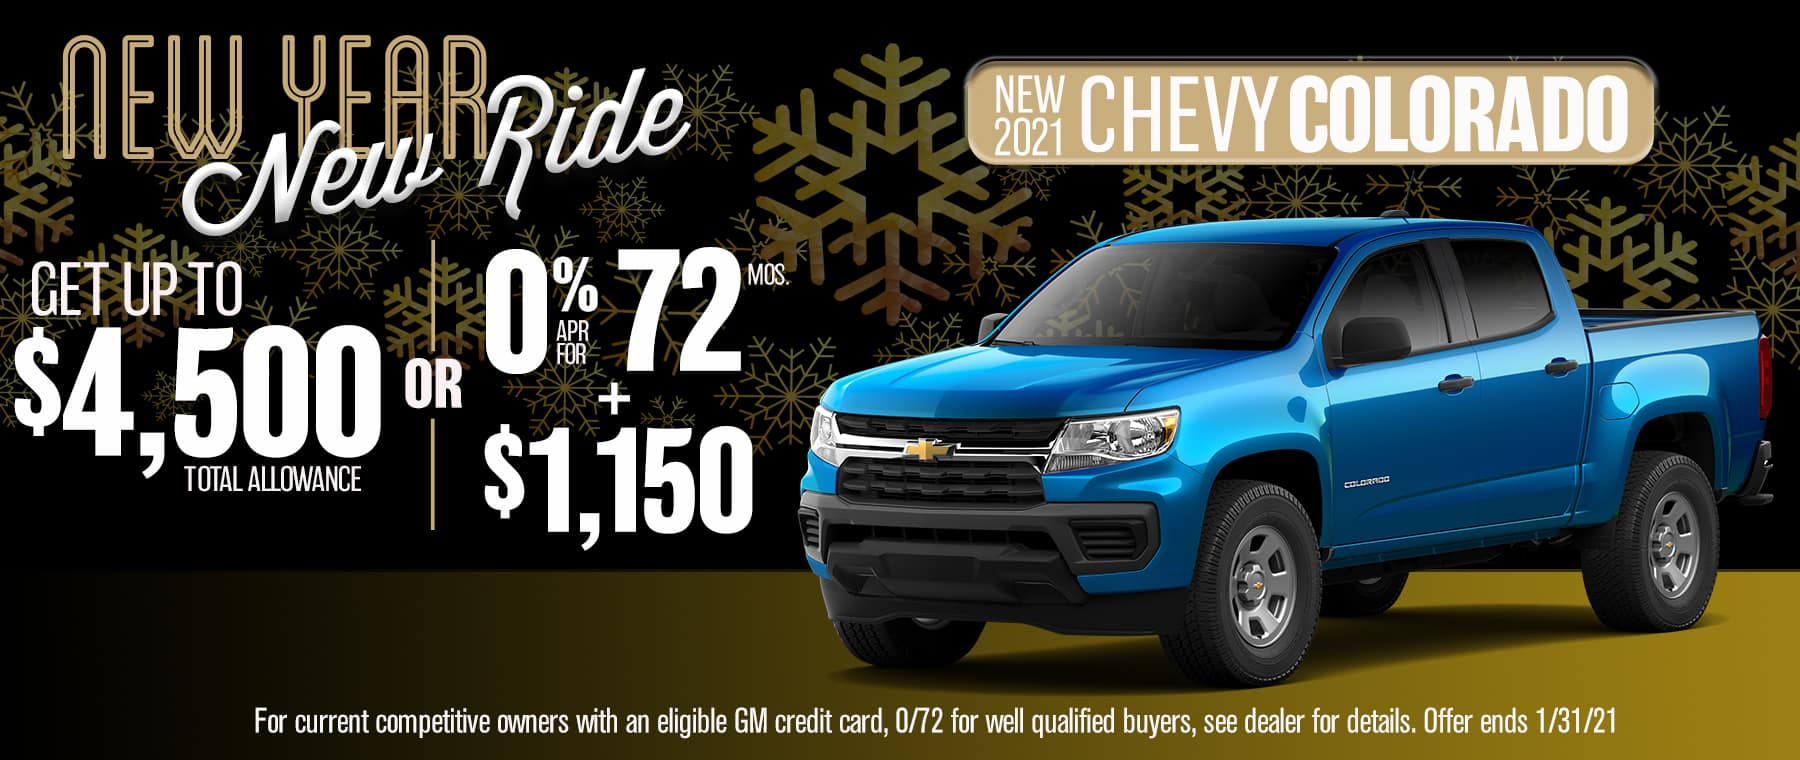 New 2021 Chevy Colorado